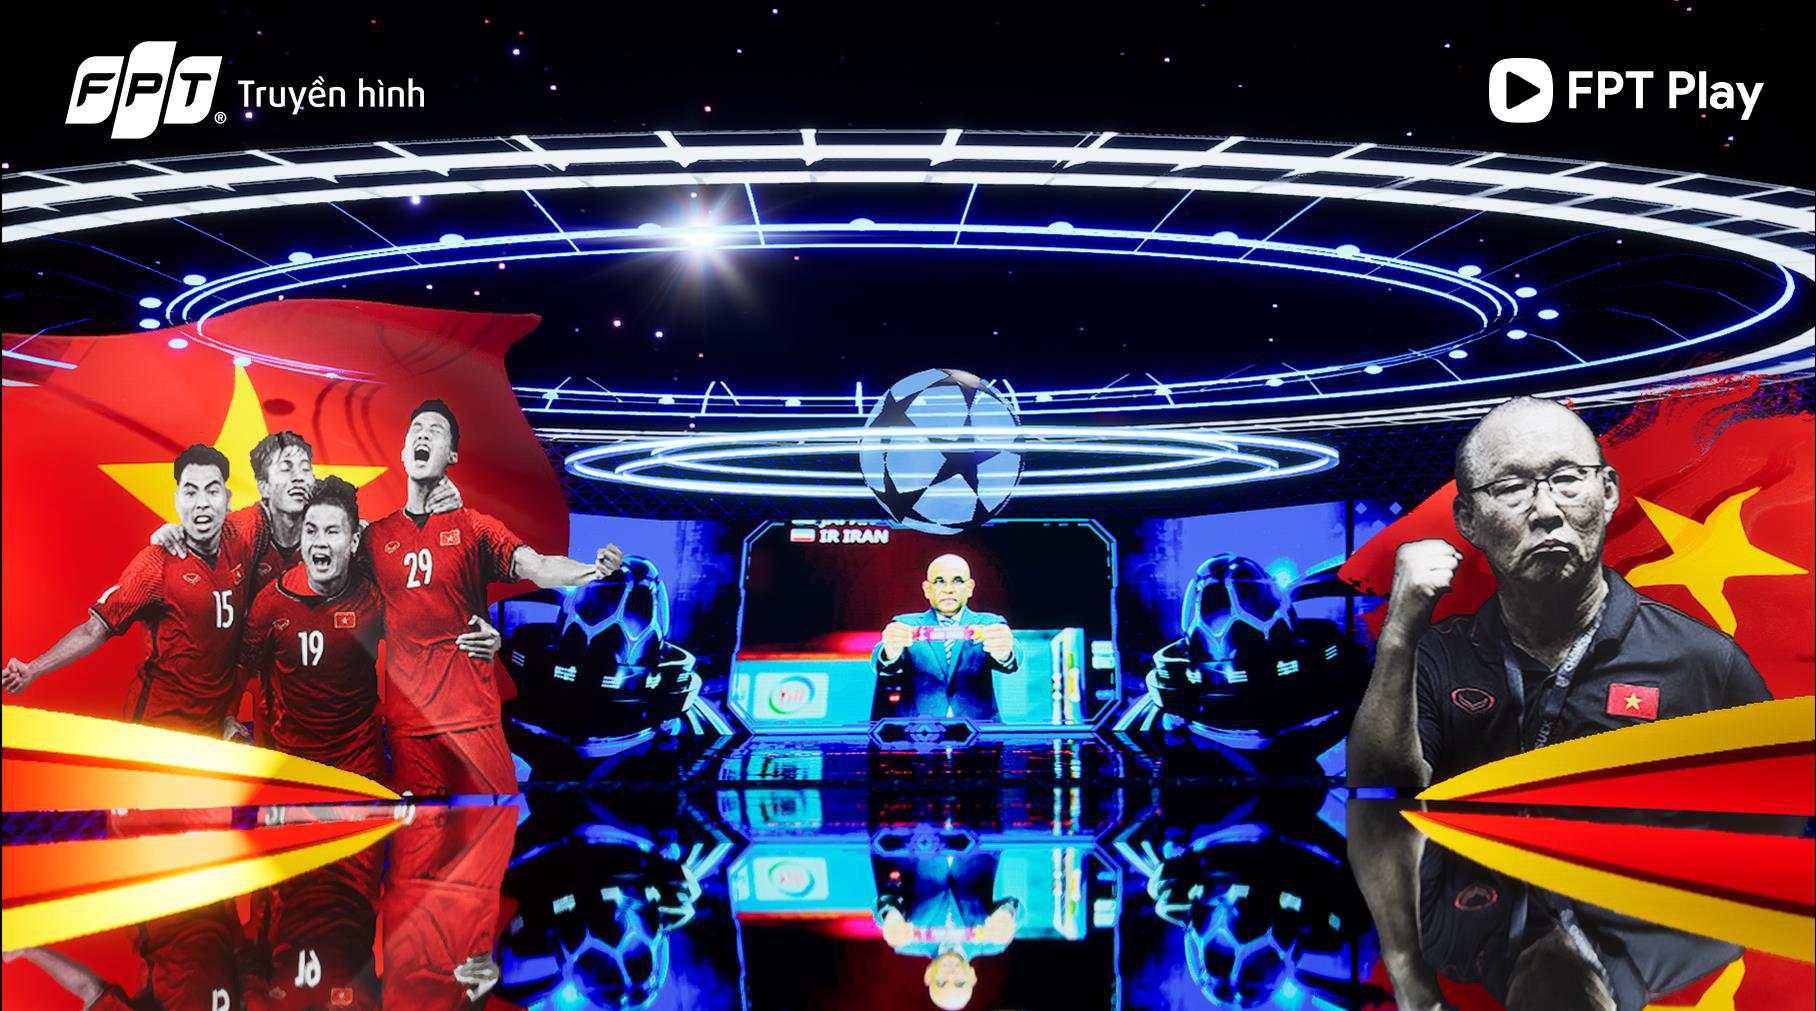 FPT khiến fan hâm mộ bóng đá mãn nhãn với sự kiện bốc thăm công nghệ AR đỉnh cao - Ảnh 3.